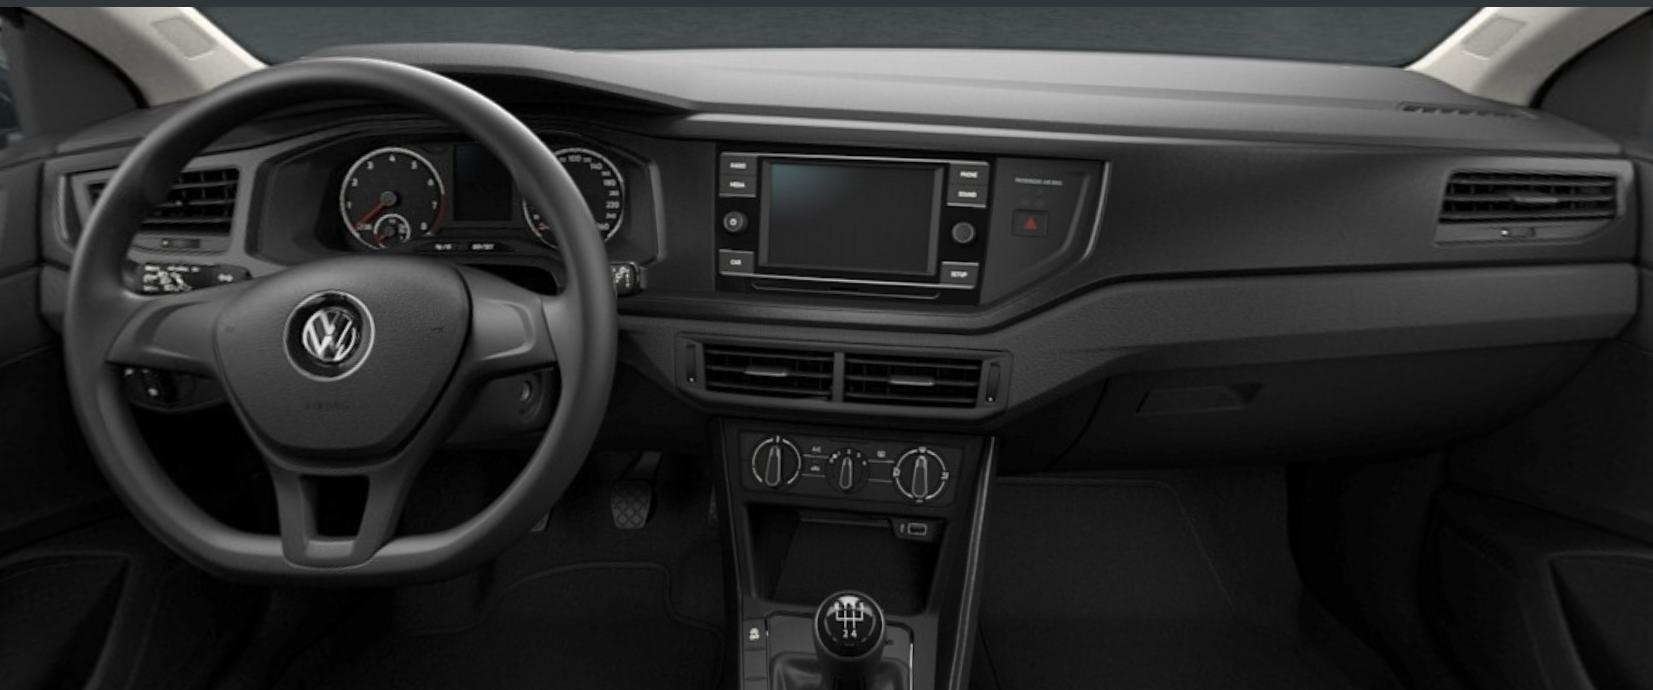 Volkswagen lanza el Polo 1.0 TGI en España: La variante capaz de funcionar con metano